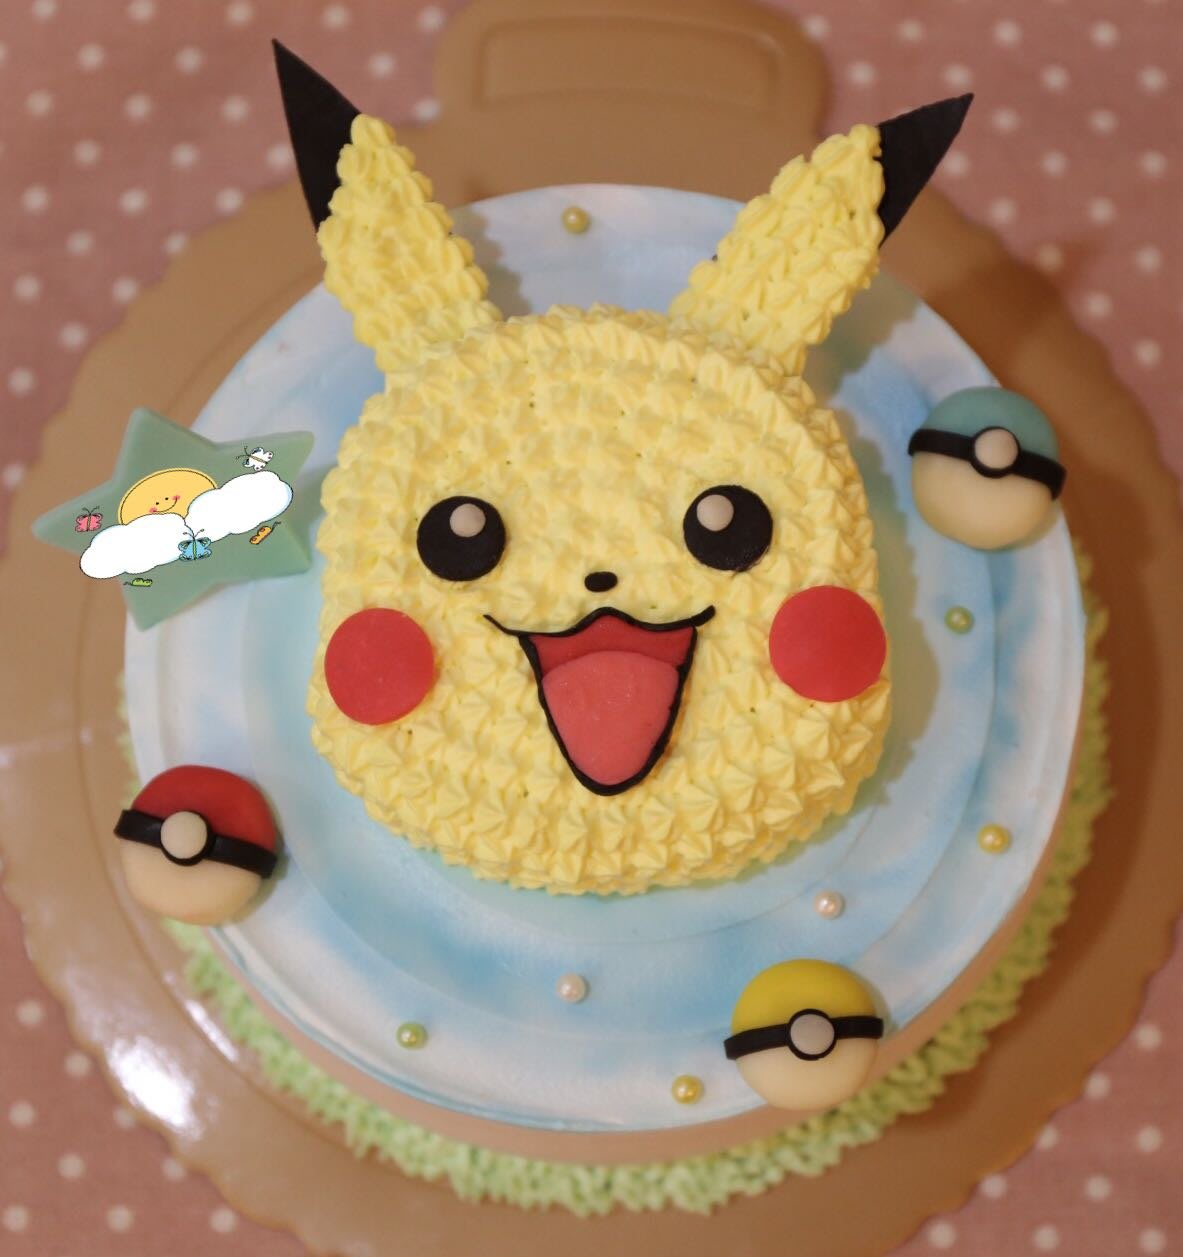 *CC手工蛋糕*- 十萬伏特皮卡丘 6吋 造型蛋糕 生日蛋糕 (板橋中和,中和環球購物中心旁)